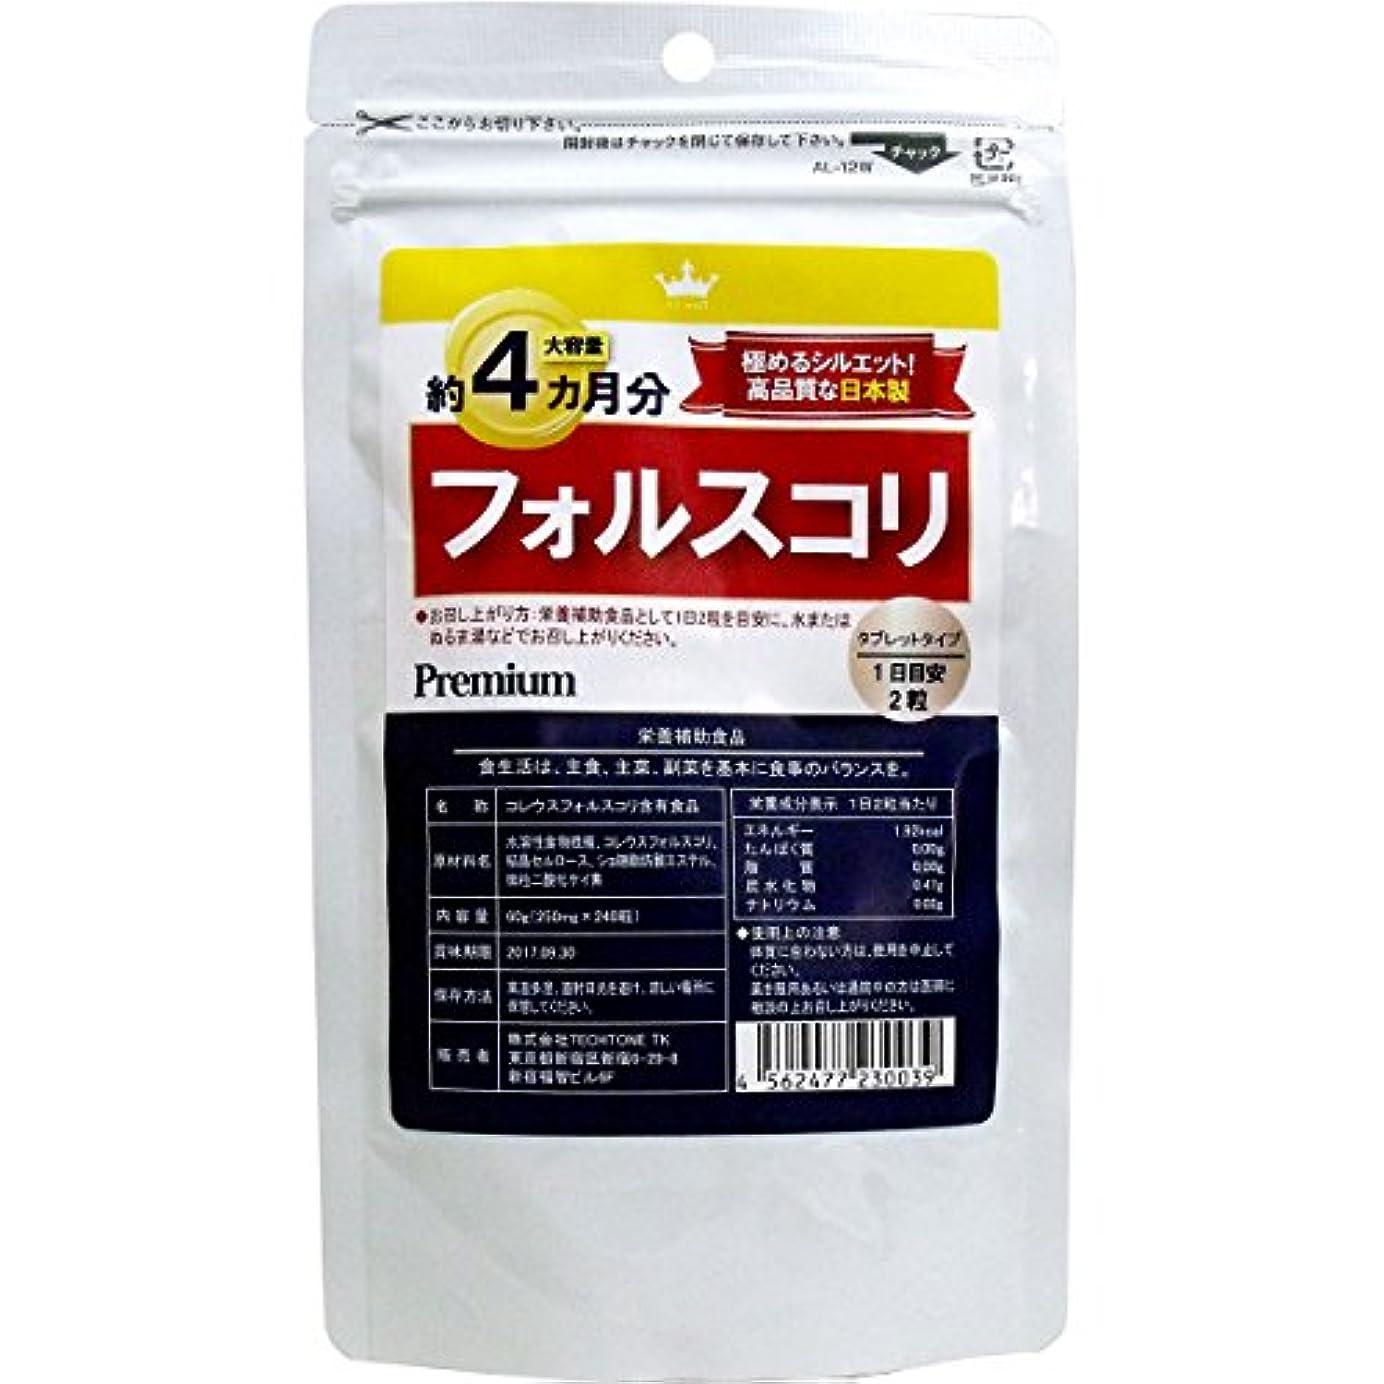 風邪をひく時代軍艦サプリメント 高品質な日本製 健康食品 フォルスコリ 約4カ月分 240粒入【5個セット】